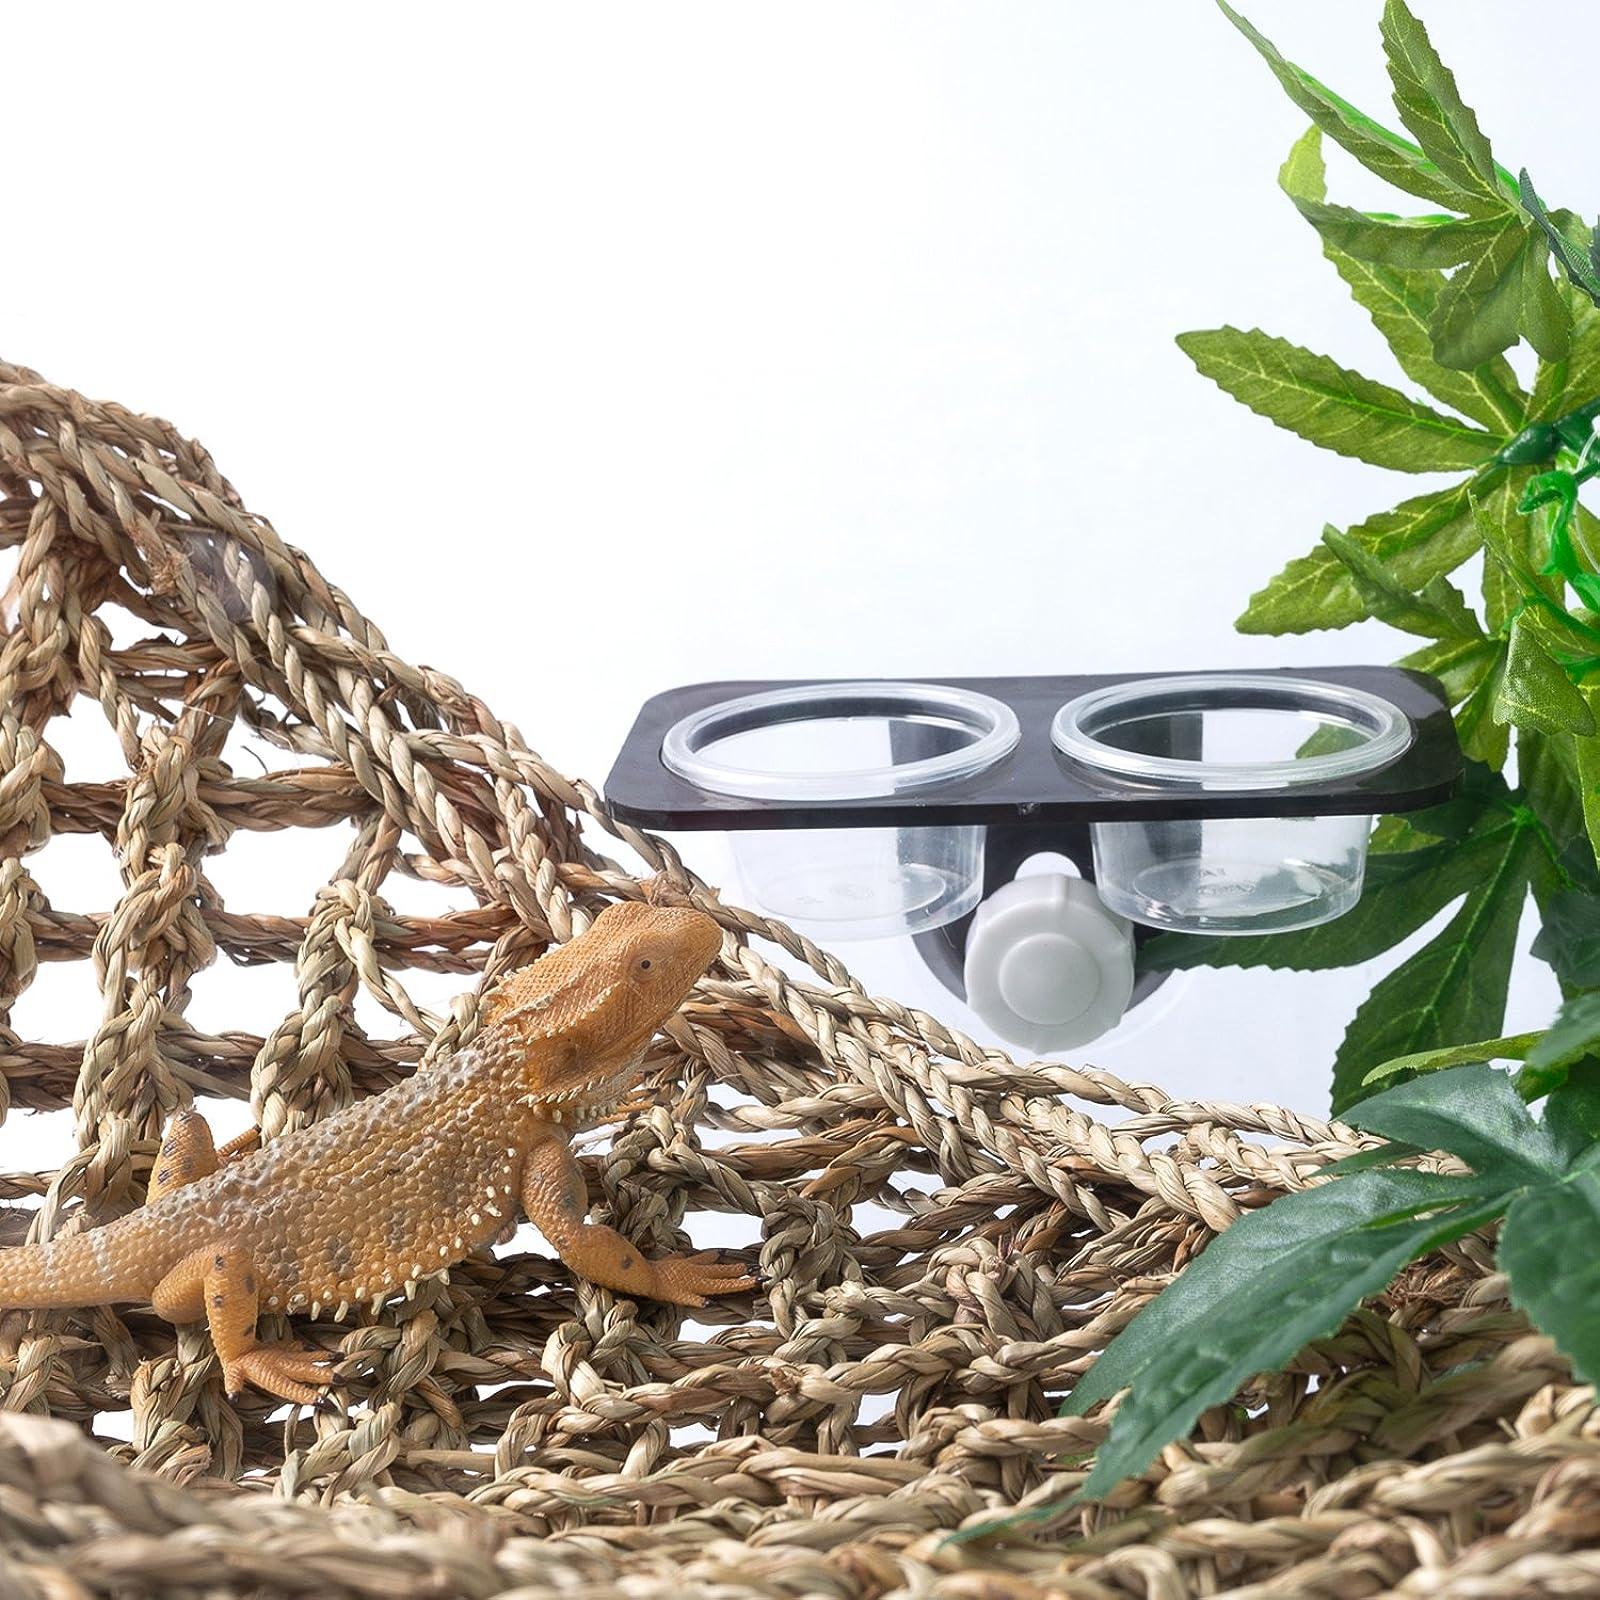 SLSON Gecko Feeder Ledge Acrylic Suction Cup - 1